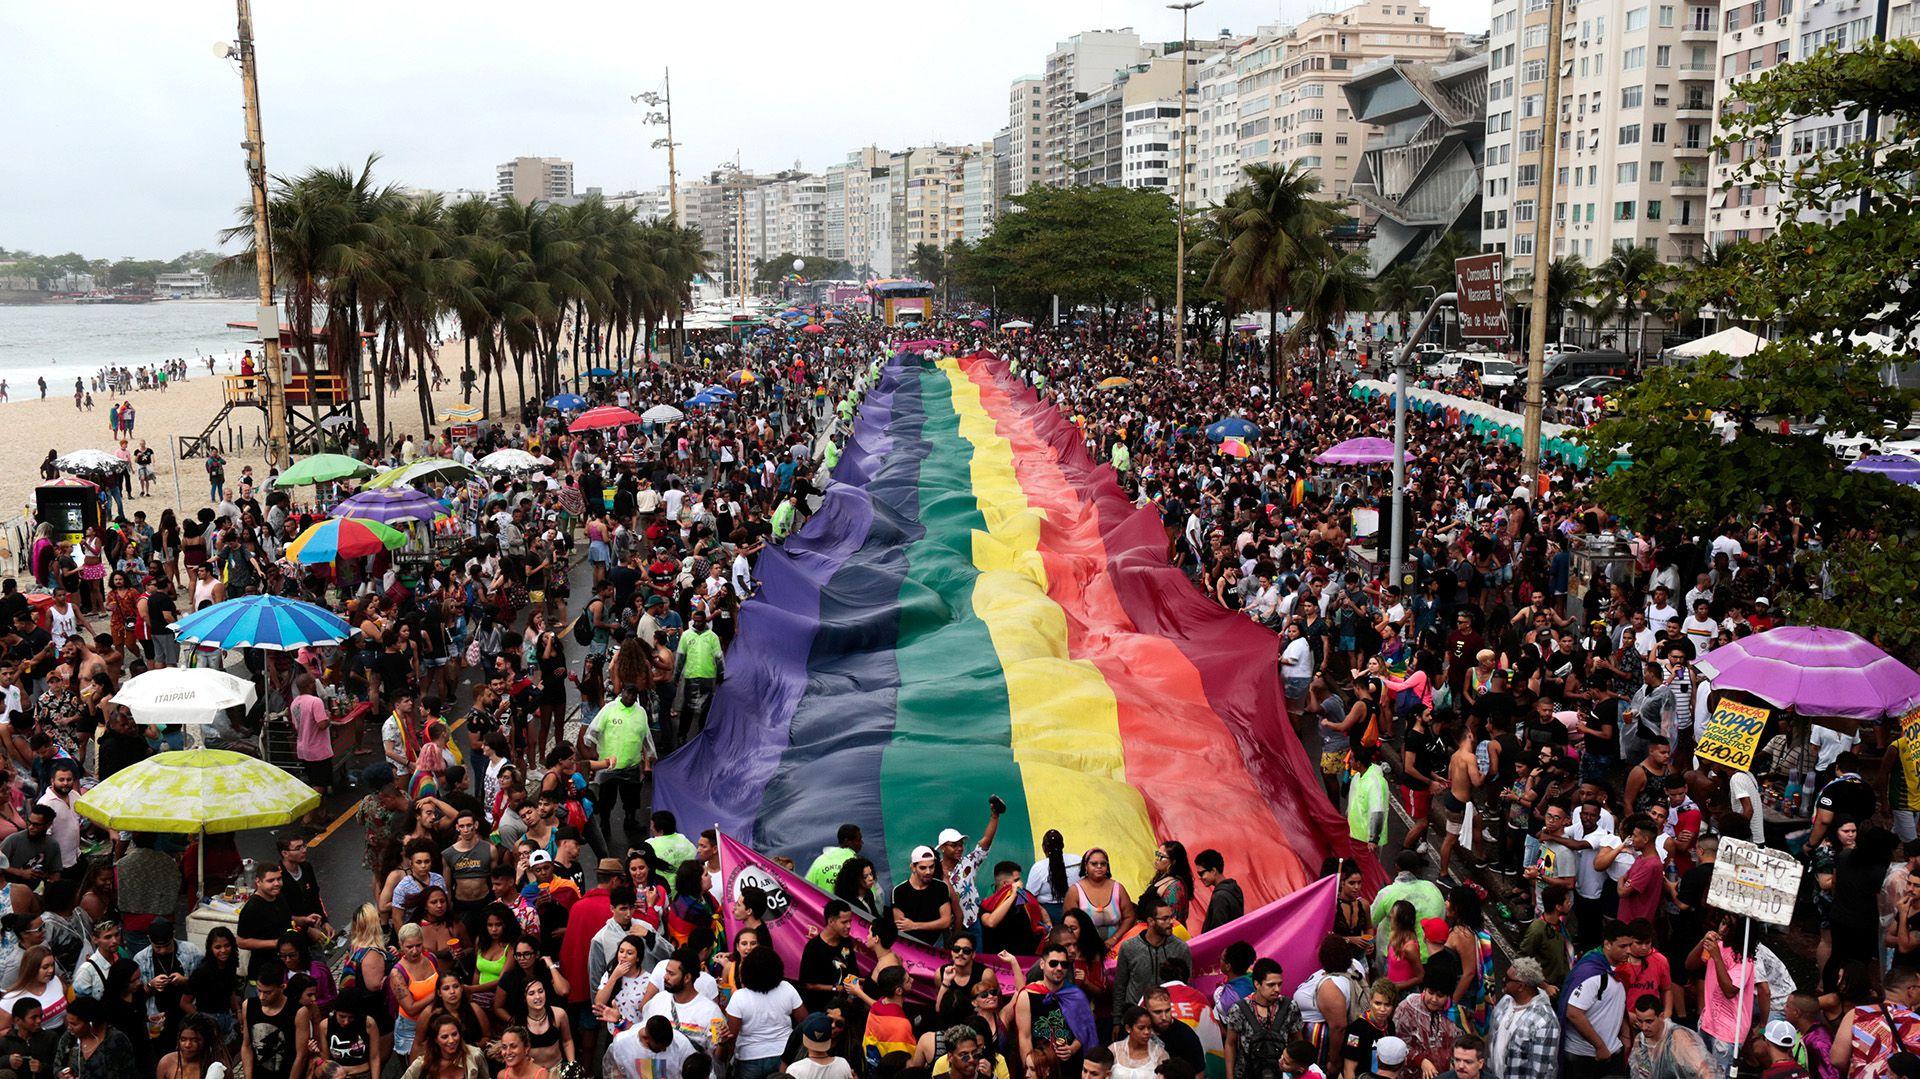 La tradicional bandera multicolor en el Desfile del Orgullo Gay en la playa de Copacabana en Río de Janeiro, Brasil, el 22 de septiembre de 2019. REUTERS / Ian Cheibub